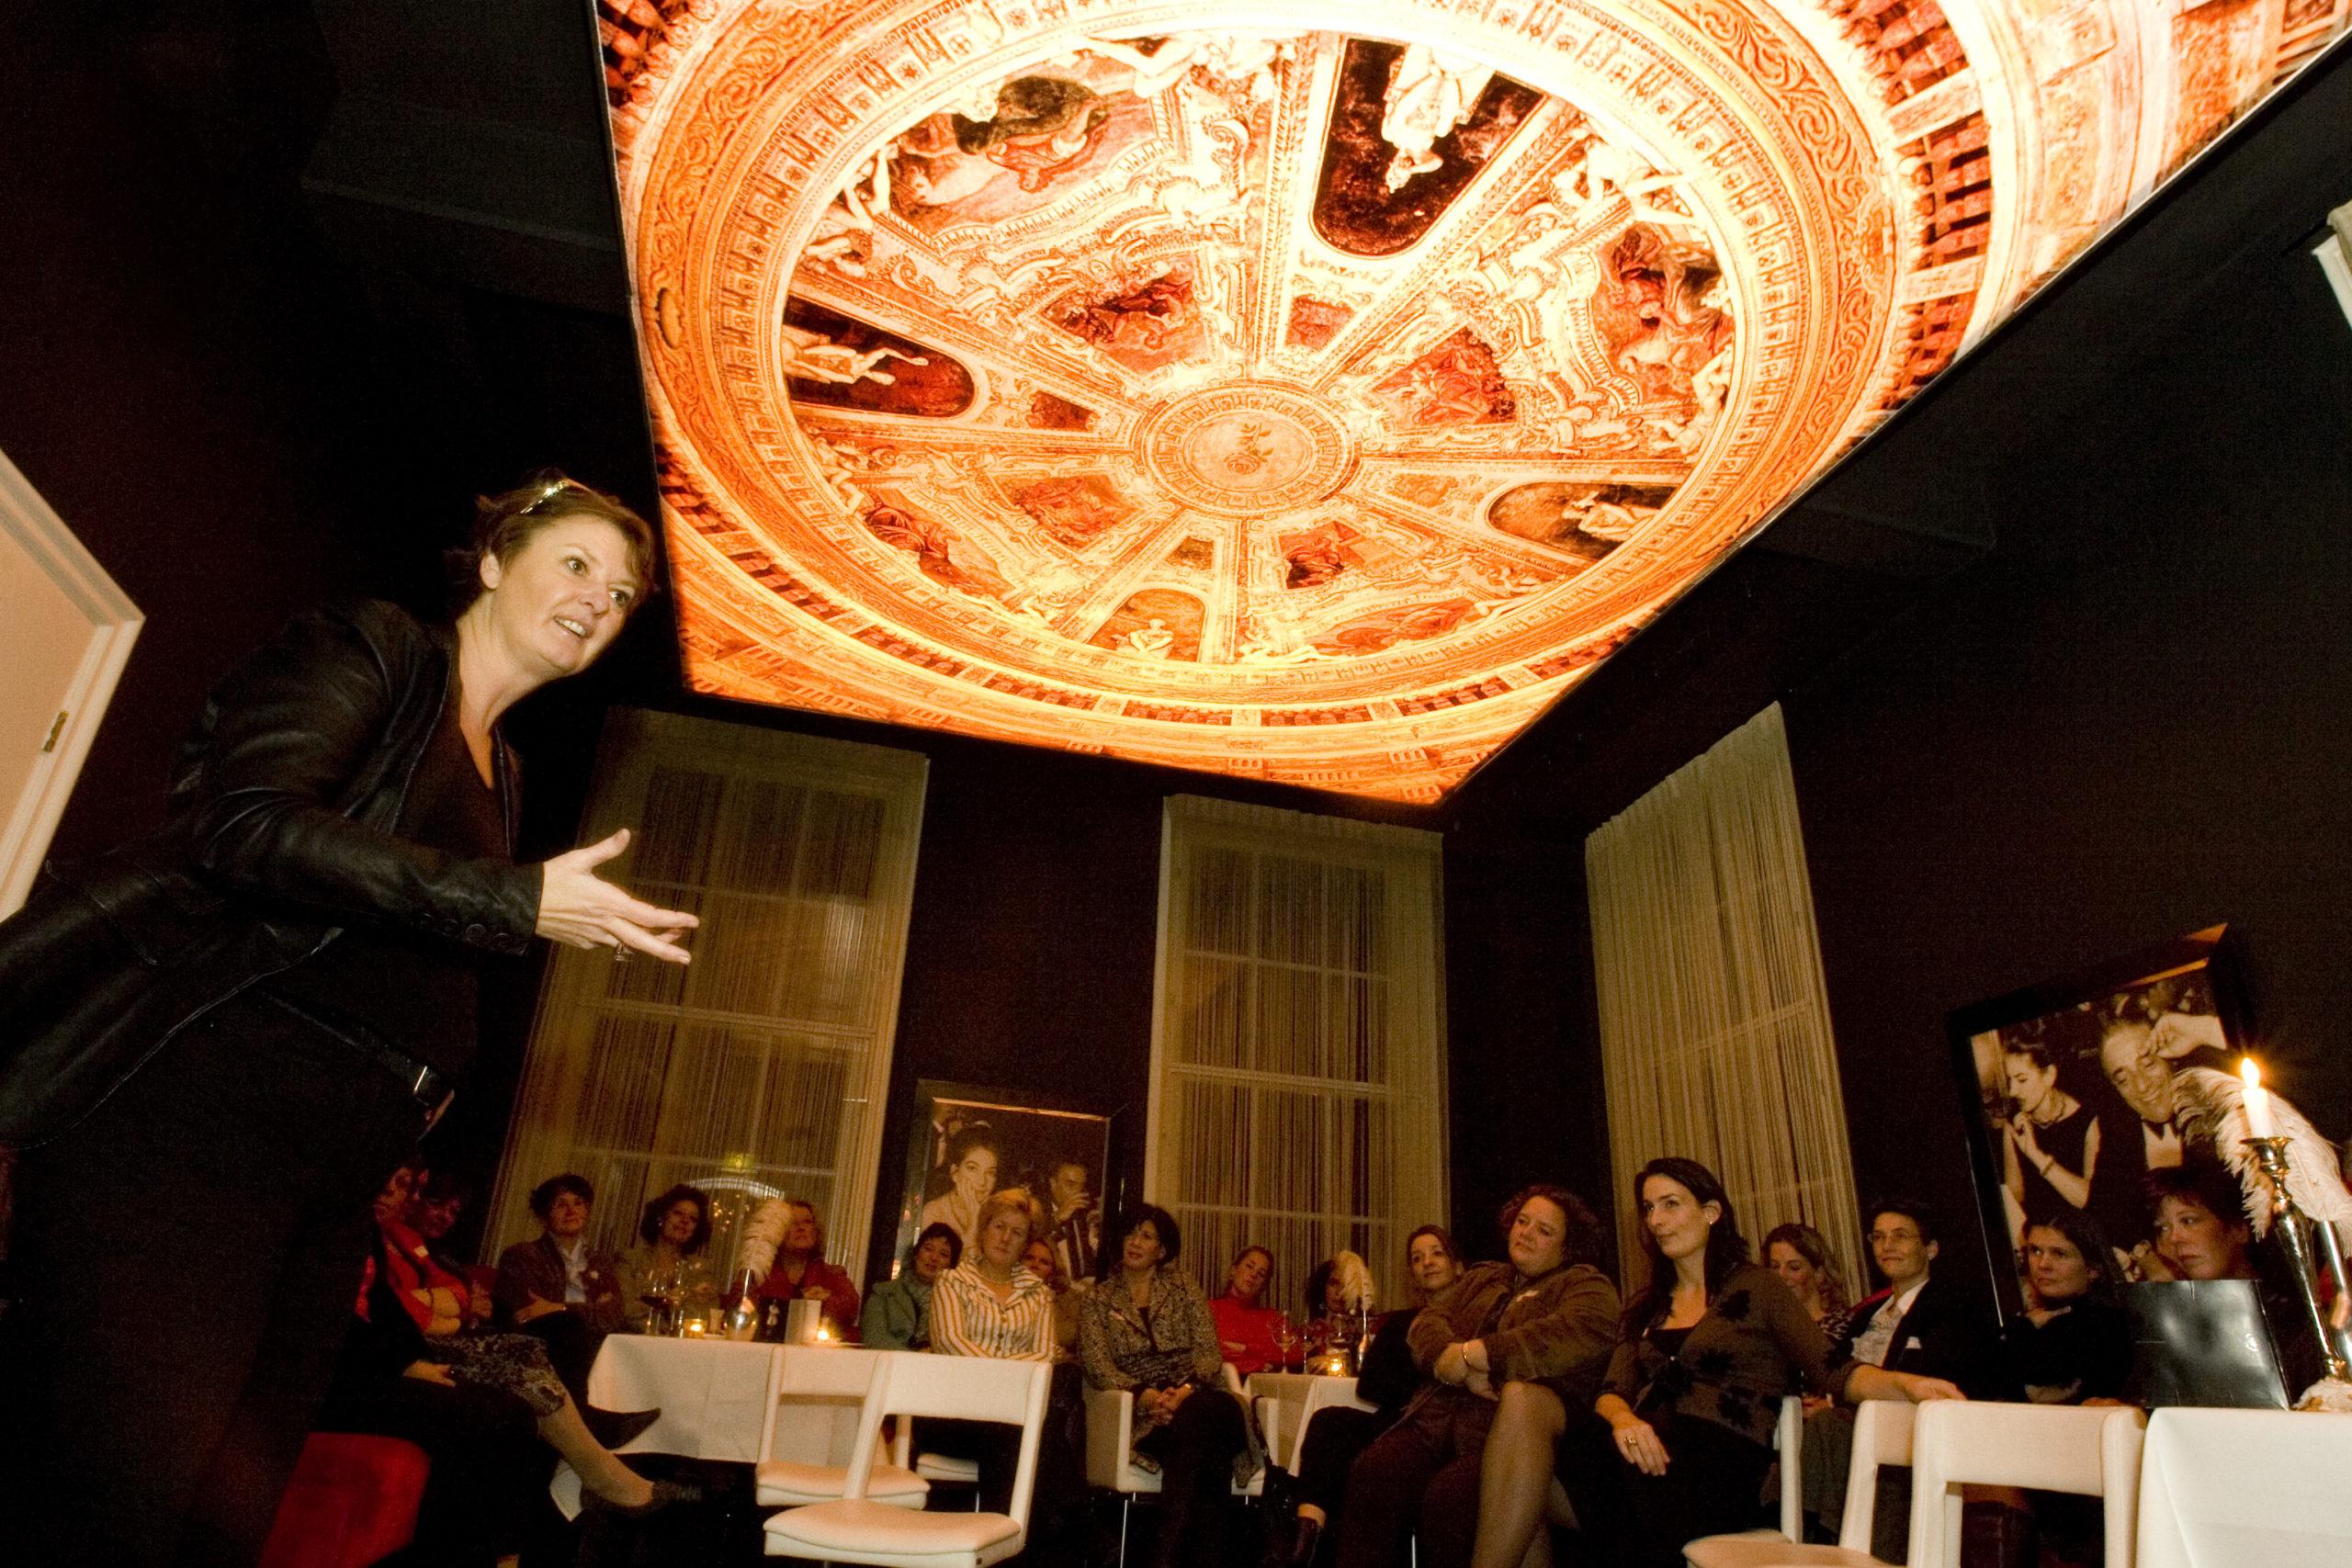 Start netwerk 'Women in Business' in Sub Rosa in de Wijnhuistoren, met ondernemersvrouwen uit hele regio. Kunstenares/schrijfster Patty Harpenau vertelt over The Secret, als sleutel naar succes en een beter leven.